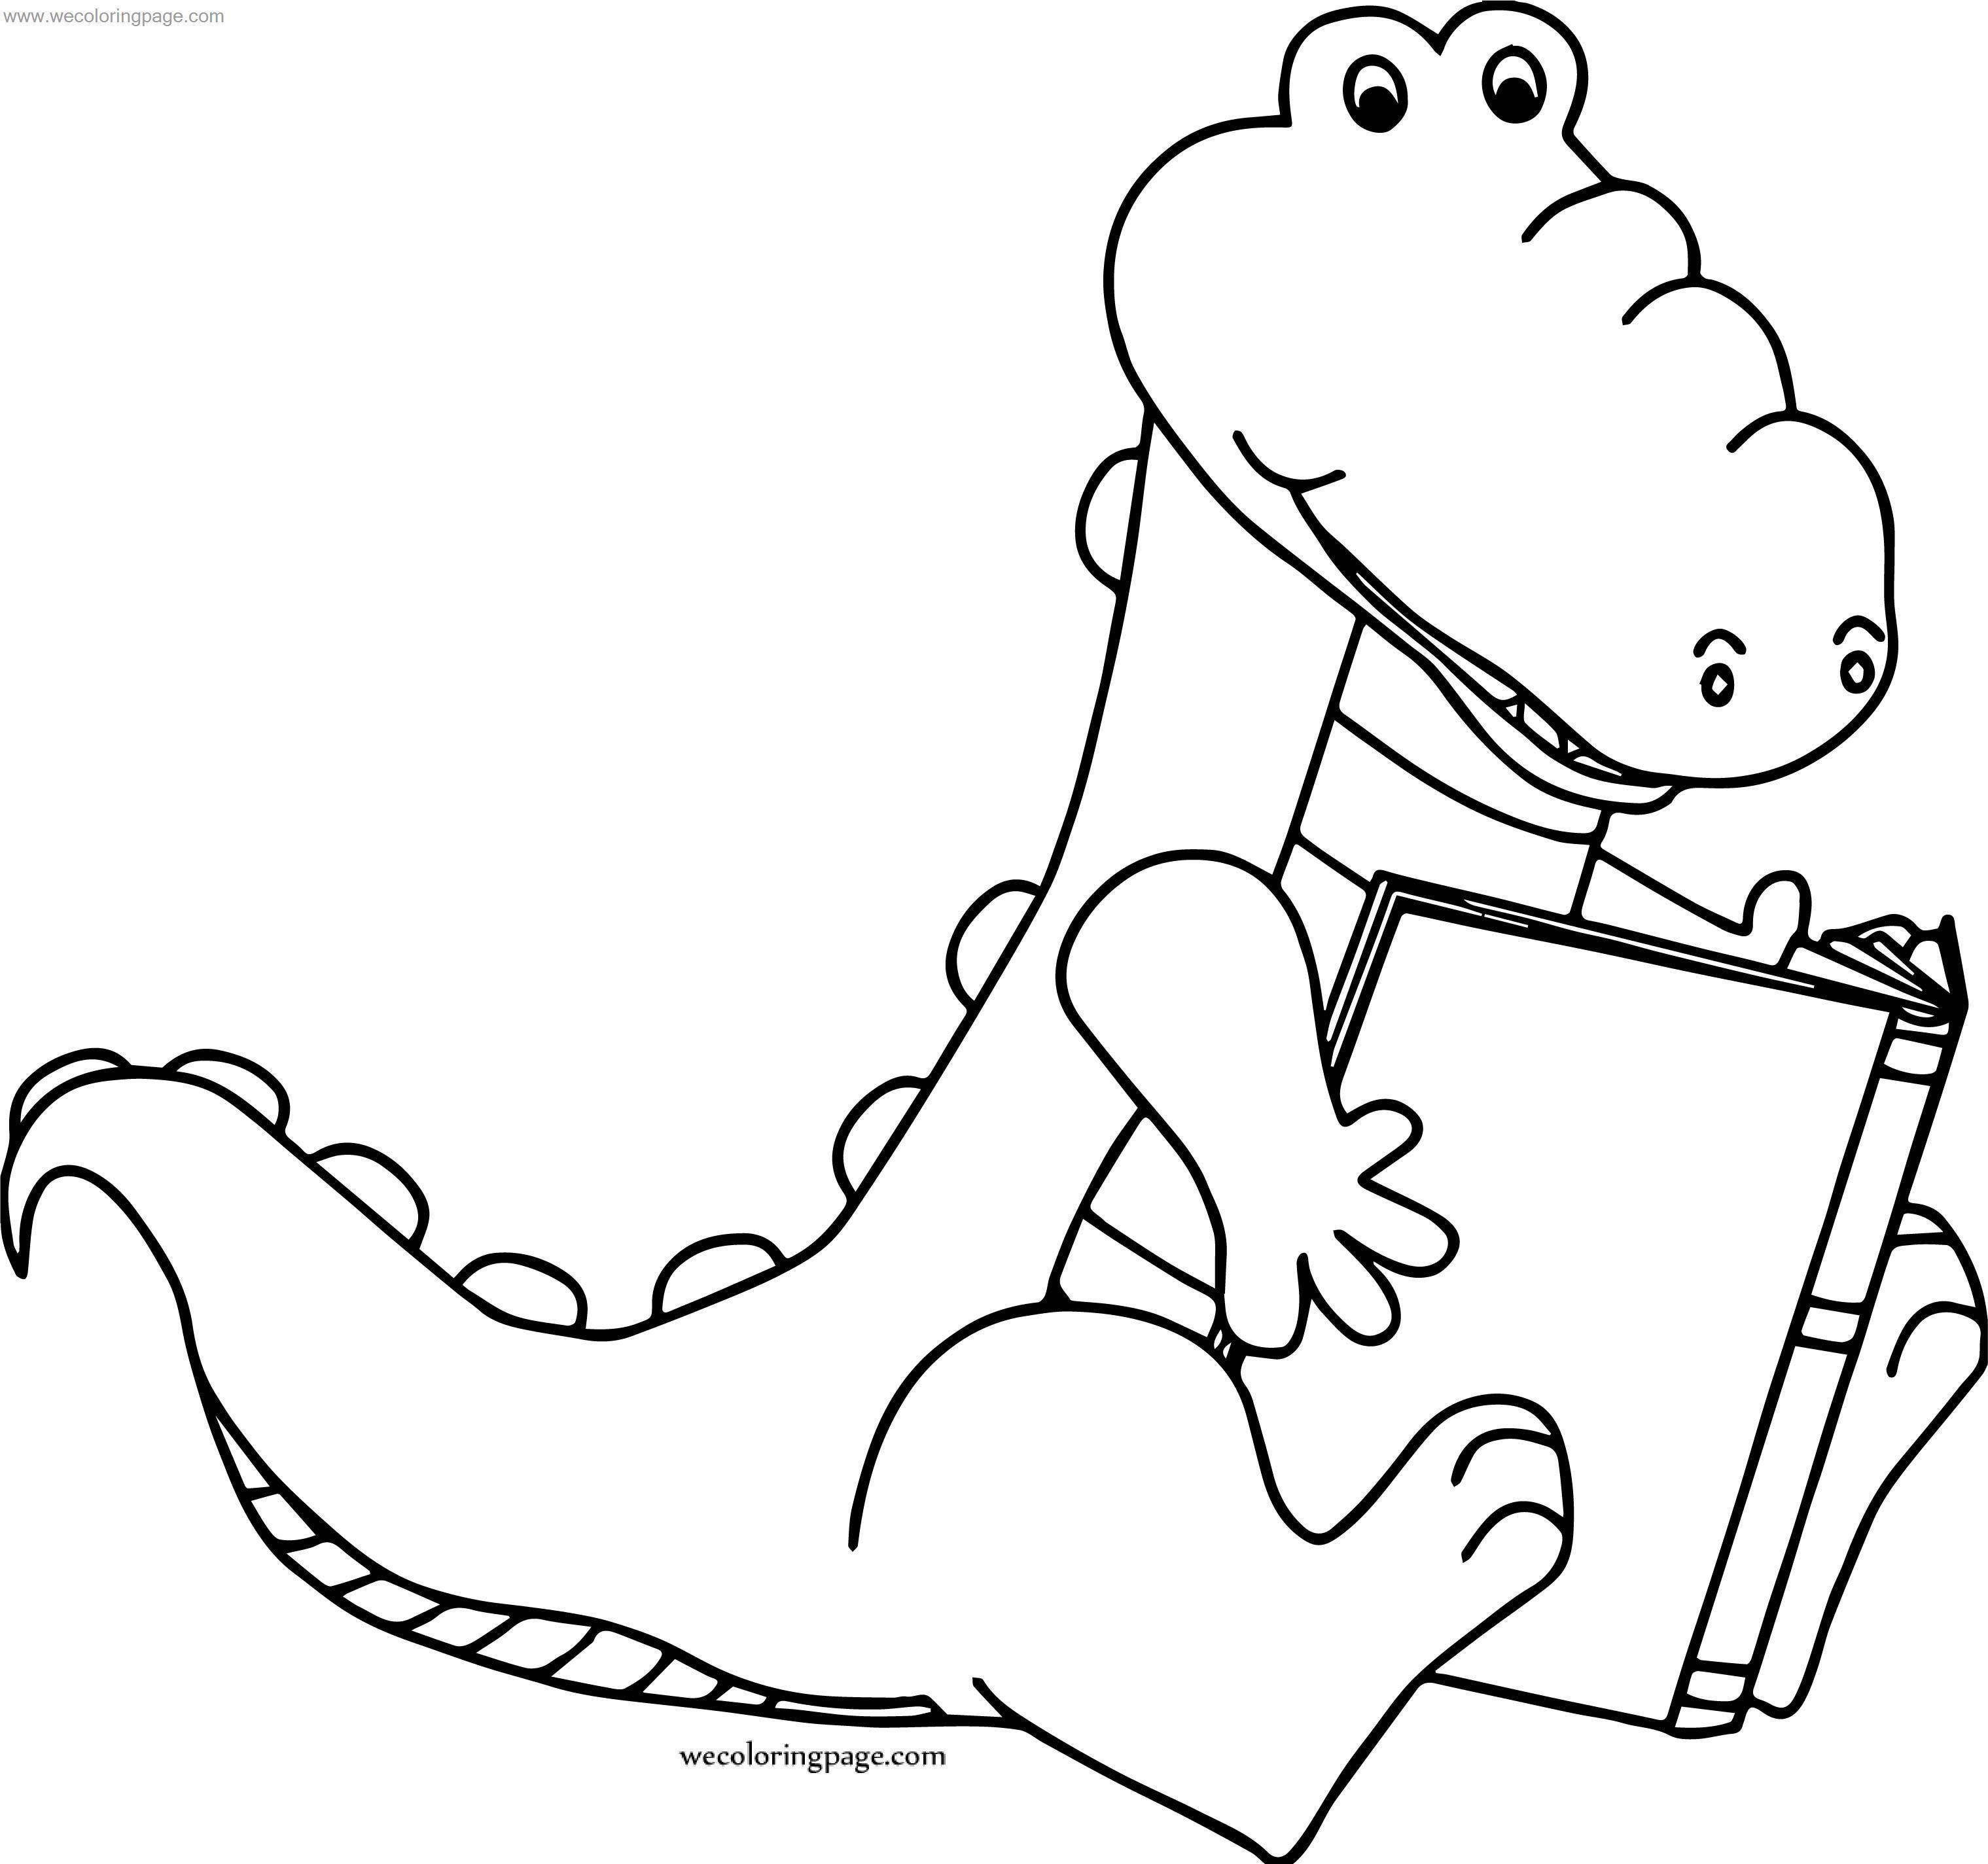 When Crocodile Alligator Coloring Page